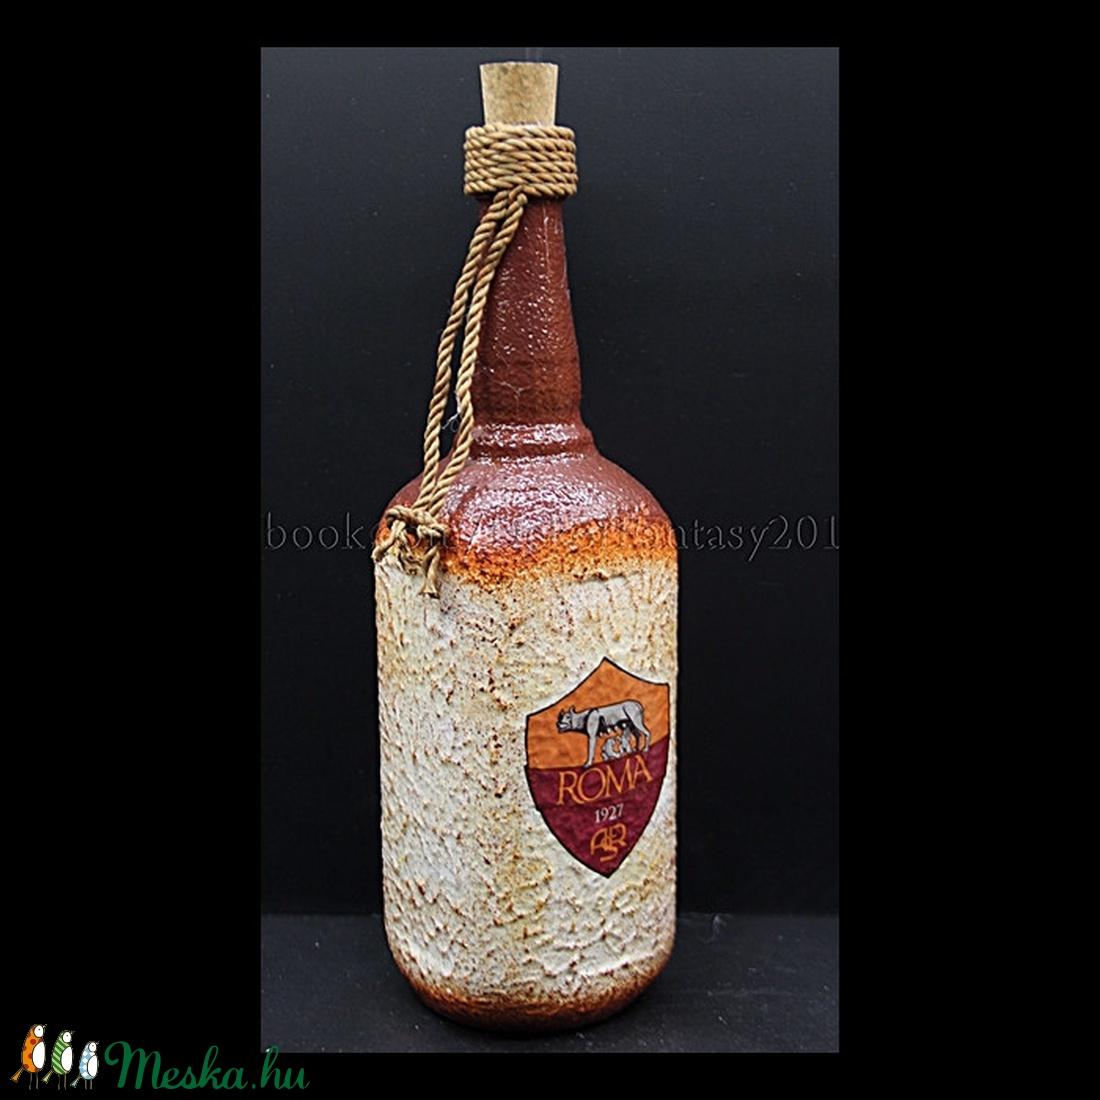 AS ROMA  emblémával díszített üveg ( 0,75 l ) (decorfantasy) - Meska.hu